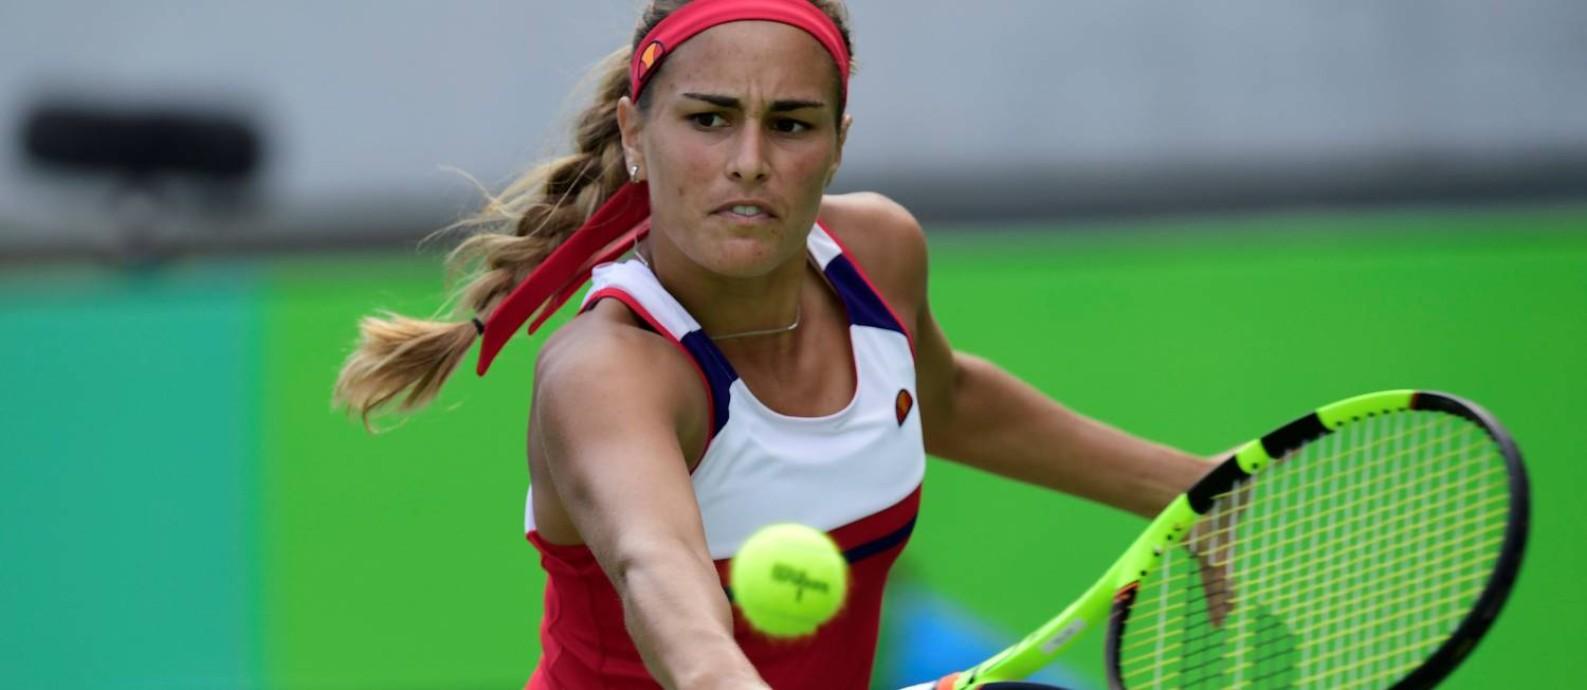 Mónica Pug é a nova campeã olímpica do tênis Foto: JAVIER SORIANO / AFP